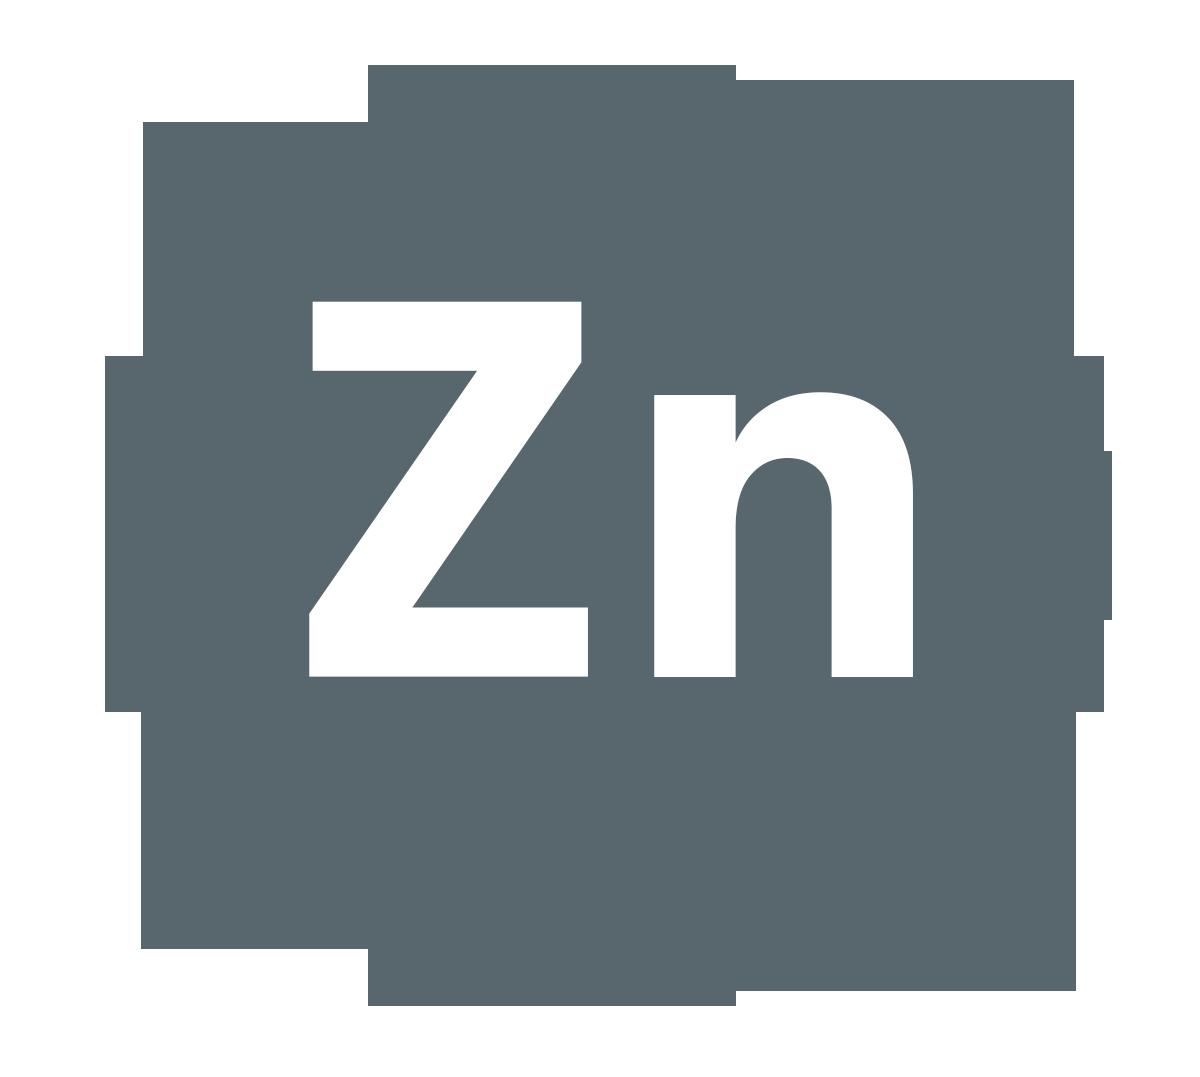 Baterii Zinc-Air aparate auditive Phonak